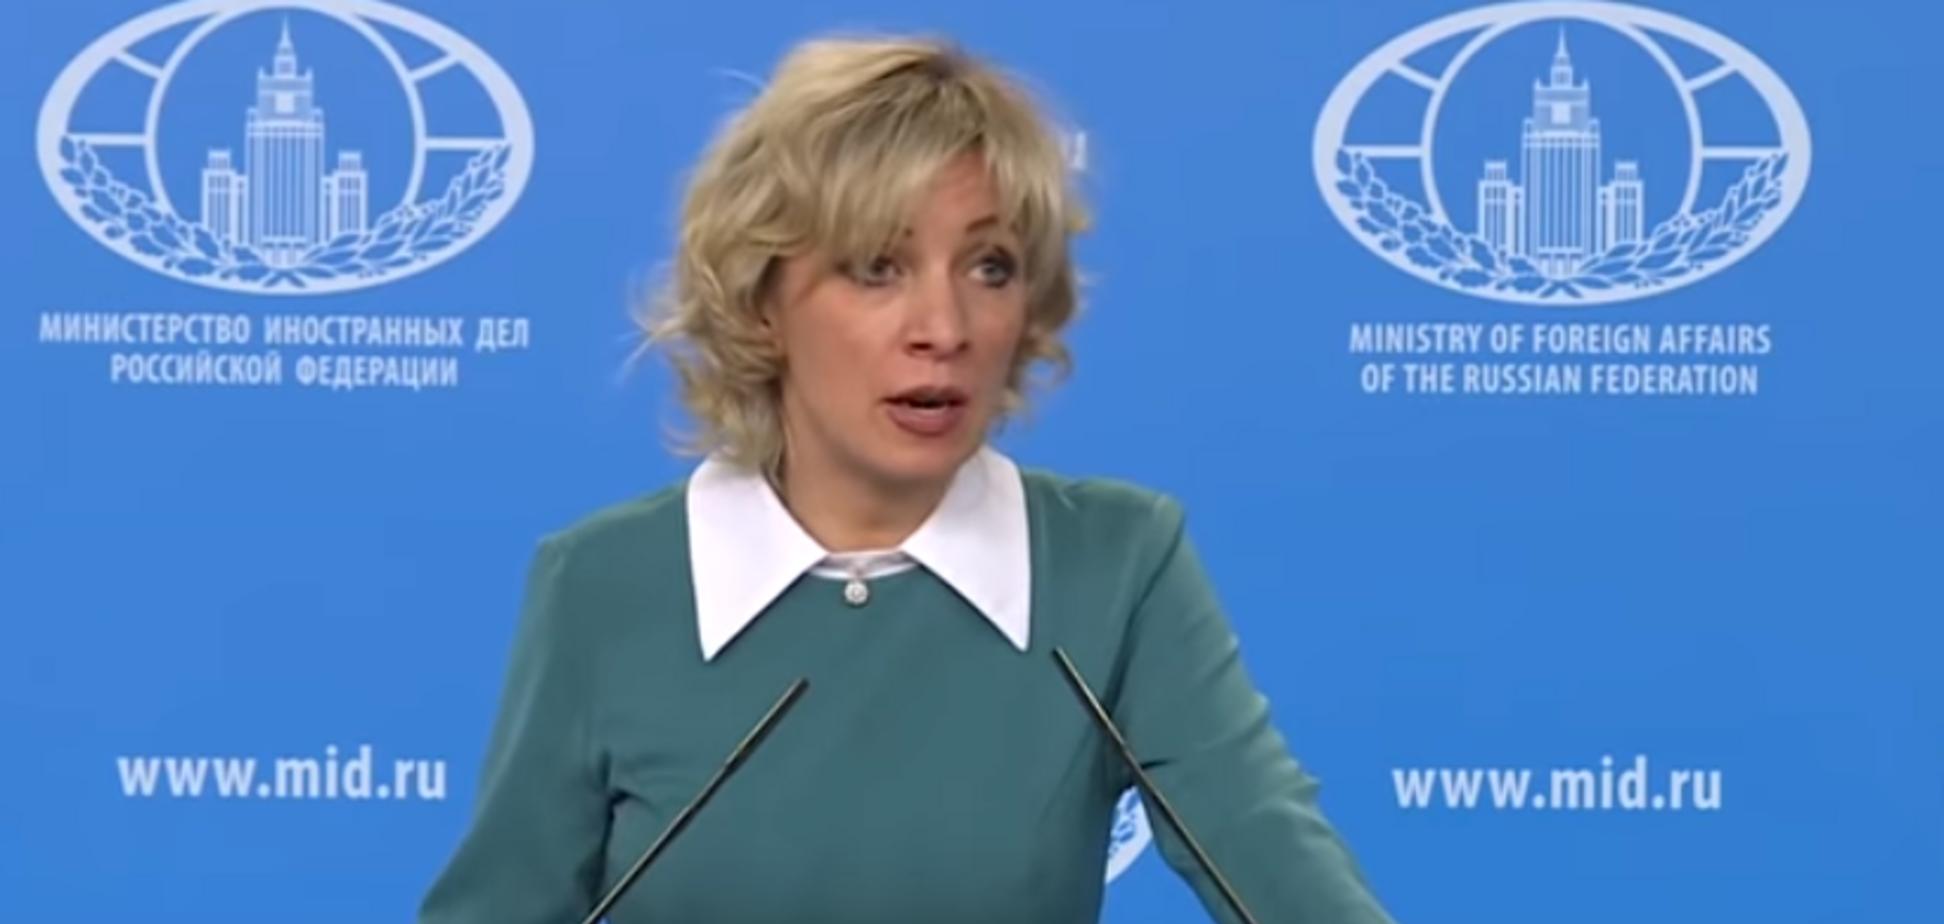 'Тушонка детонує': Цимбалюк осадив Захарову за брехню про 'гумконвої' на Донбас